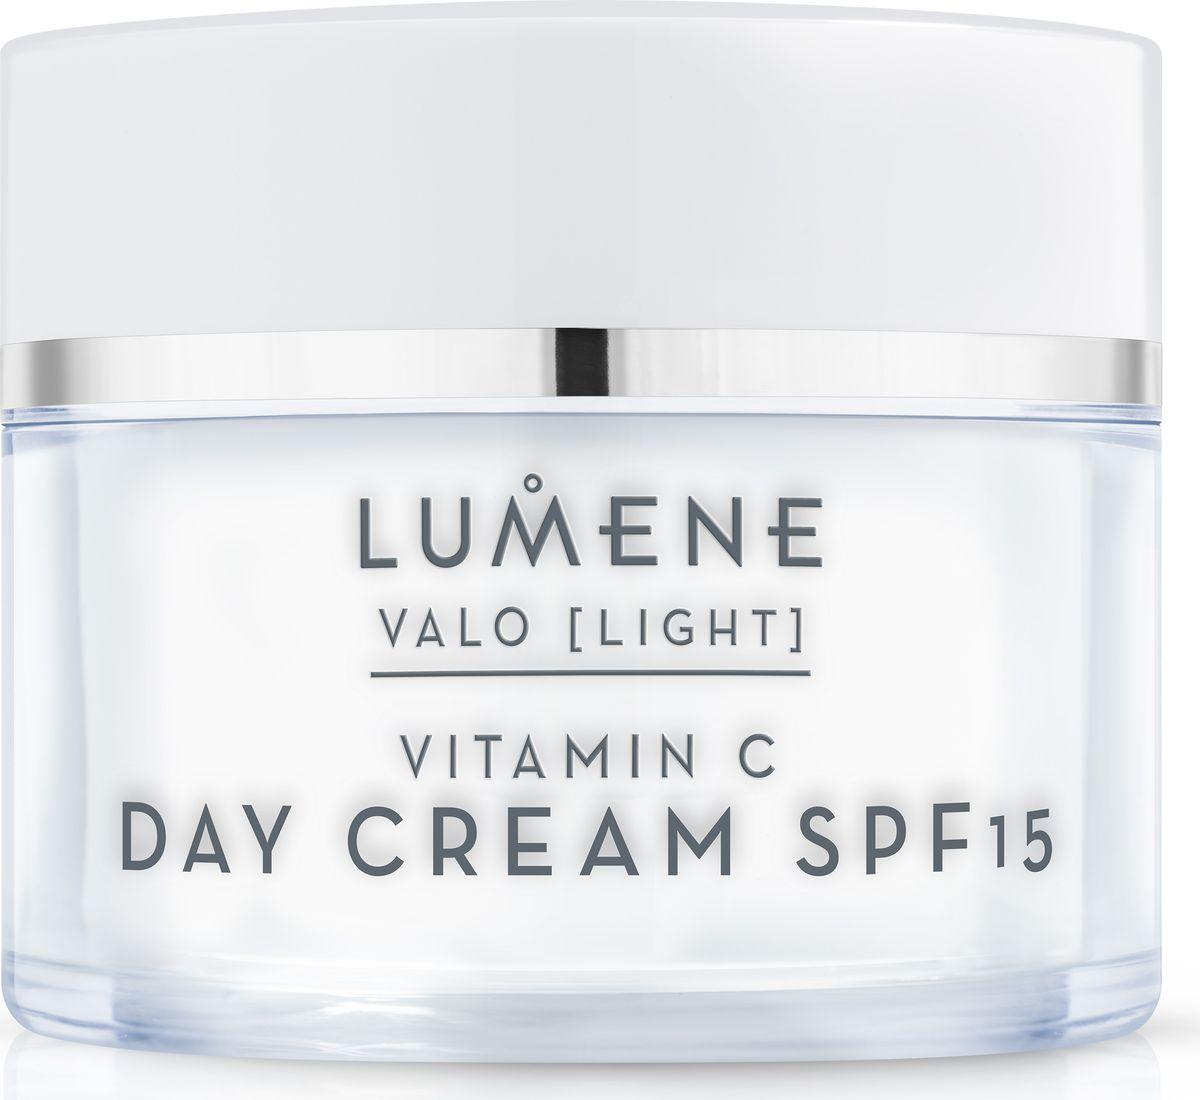 Lumene Valo Дневной крем SPF 15 Vitamin C, 50 млNL581-80242Дневной крем восстанавливает баланс влаги в коже, улучшает и выравнивает цвет лица, борется с появлением первых признаков старения. Светоотражающие пигменты мгновенно освежают цвет лица. Содержит солнцезащитный фильтр.